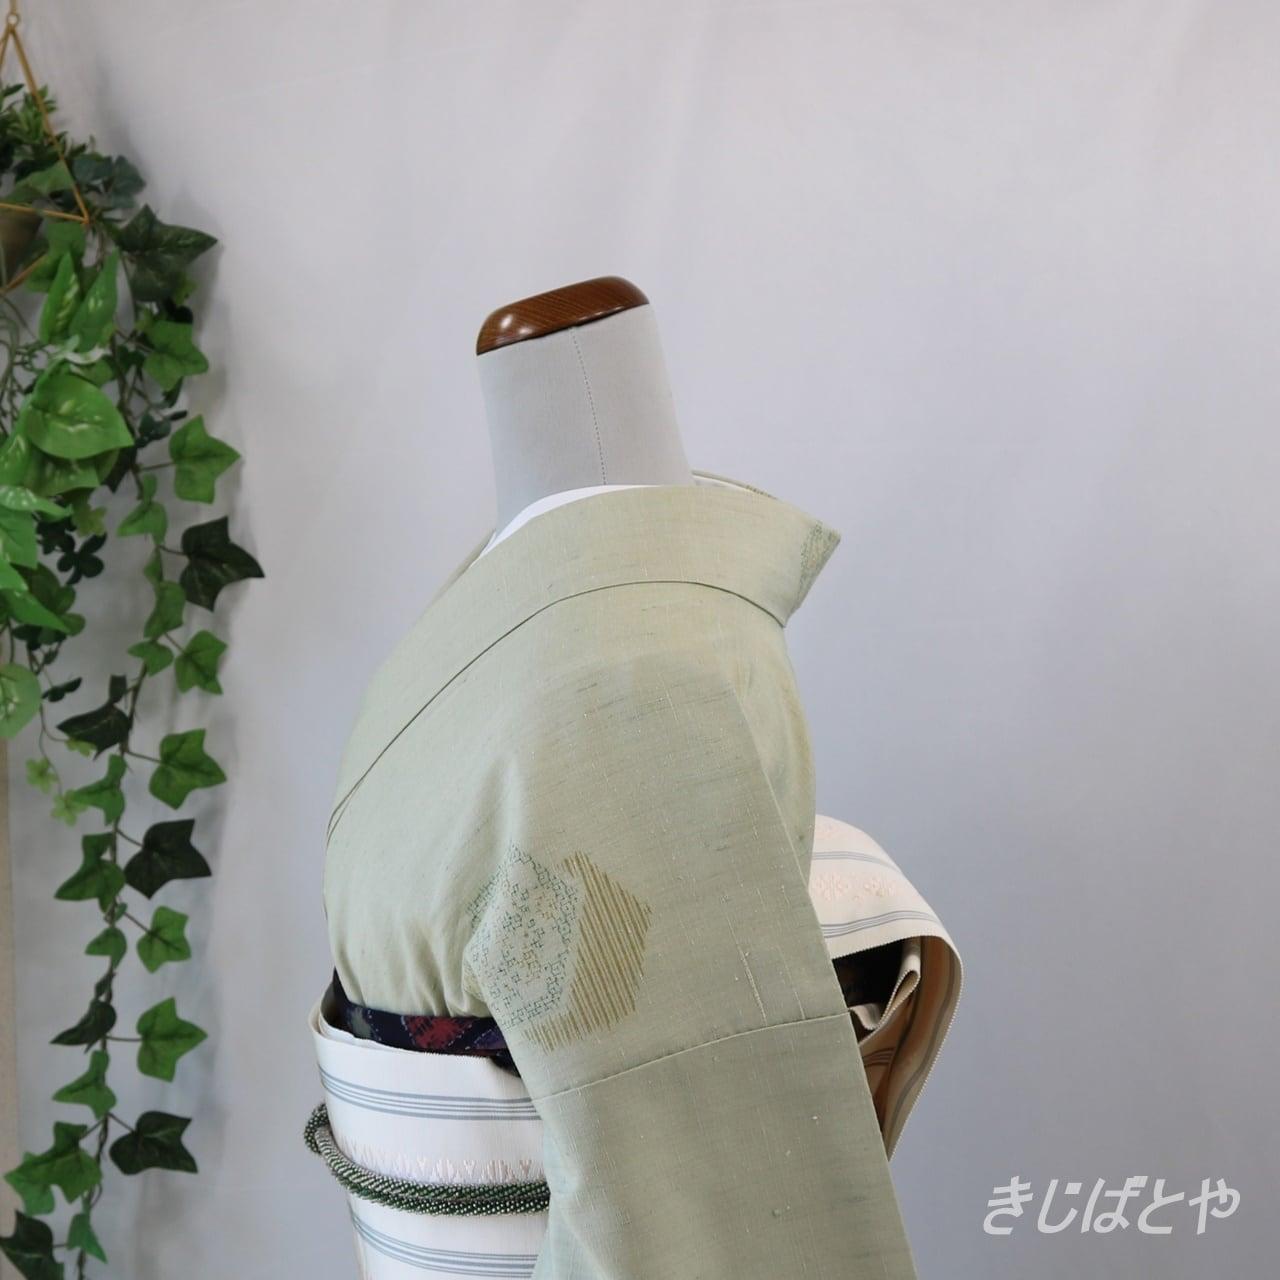 結城紬 薄柳に重ね亀甲の飛び柄 袷